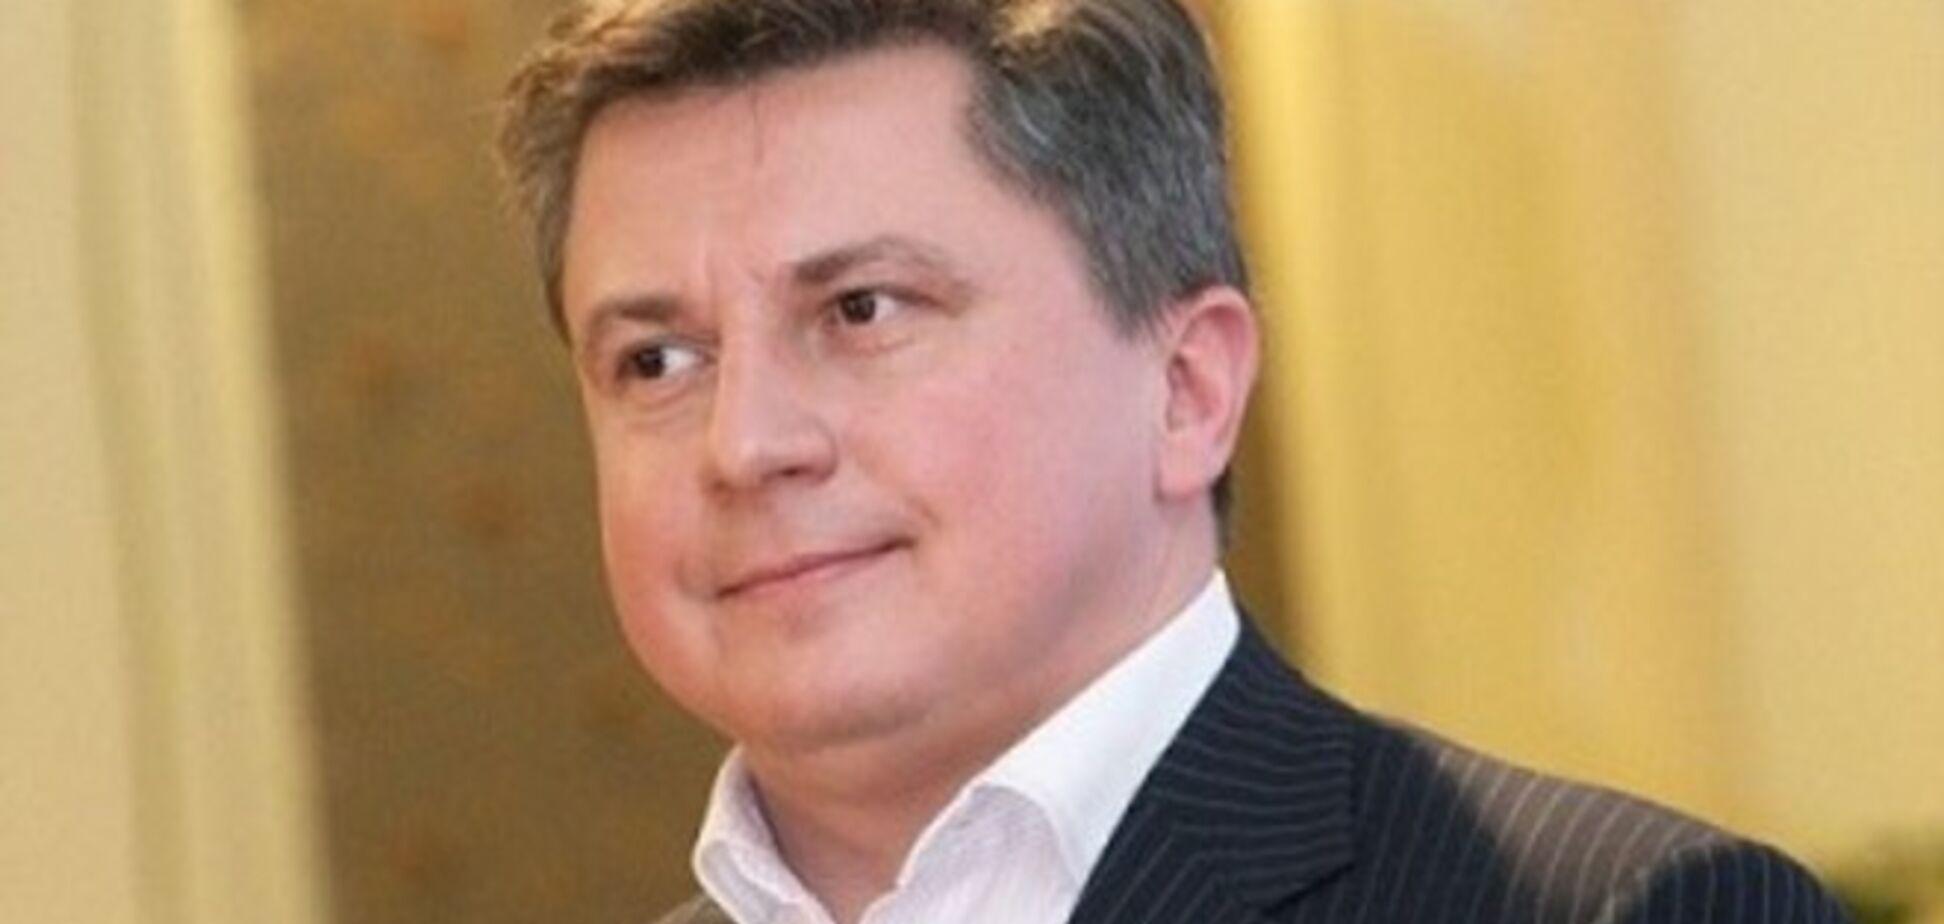 Сына Азарова в Австрии обвиняют в отмывании денег - СМИ